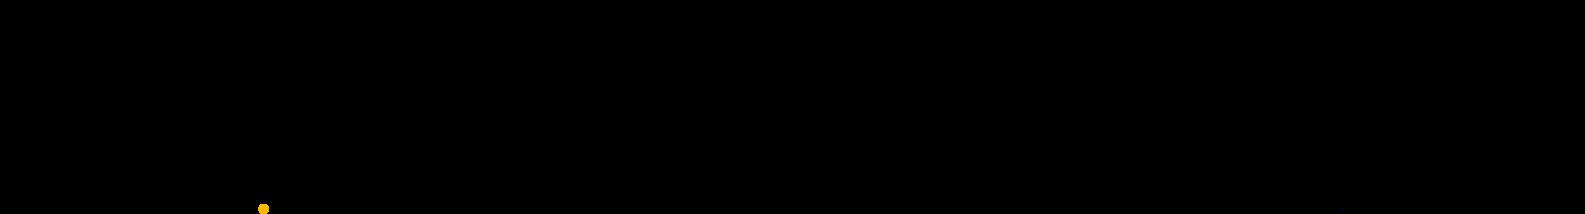 Optique géométrique (focale/lentilles/spectre/lumière etc.) Soleil17